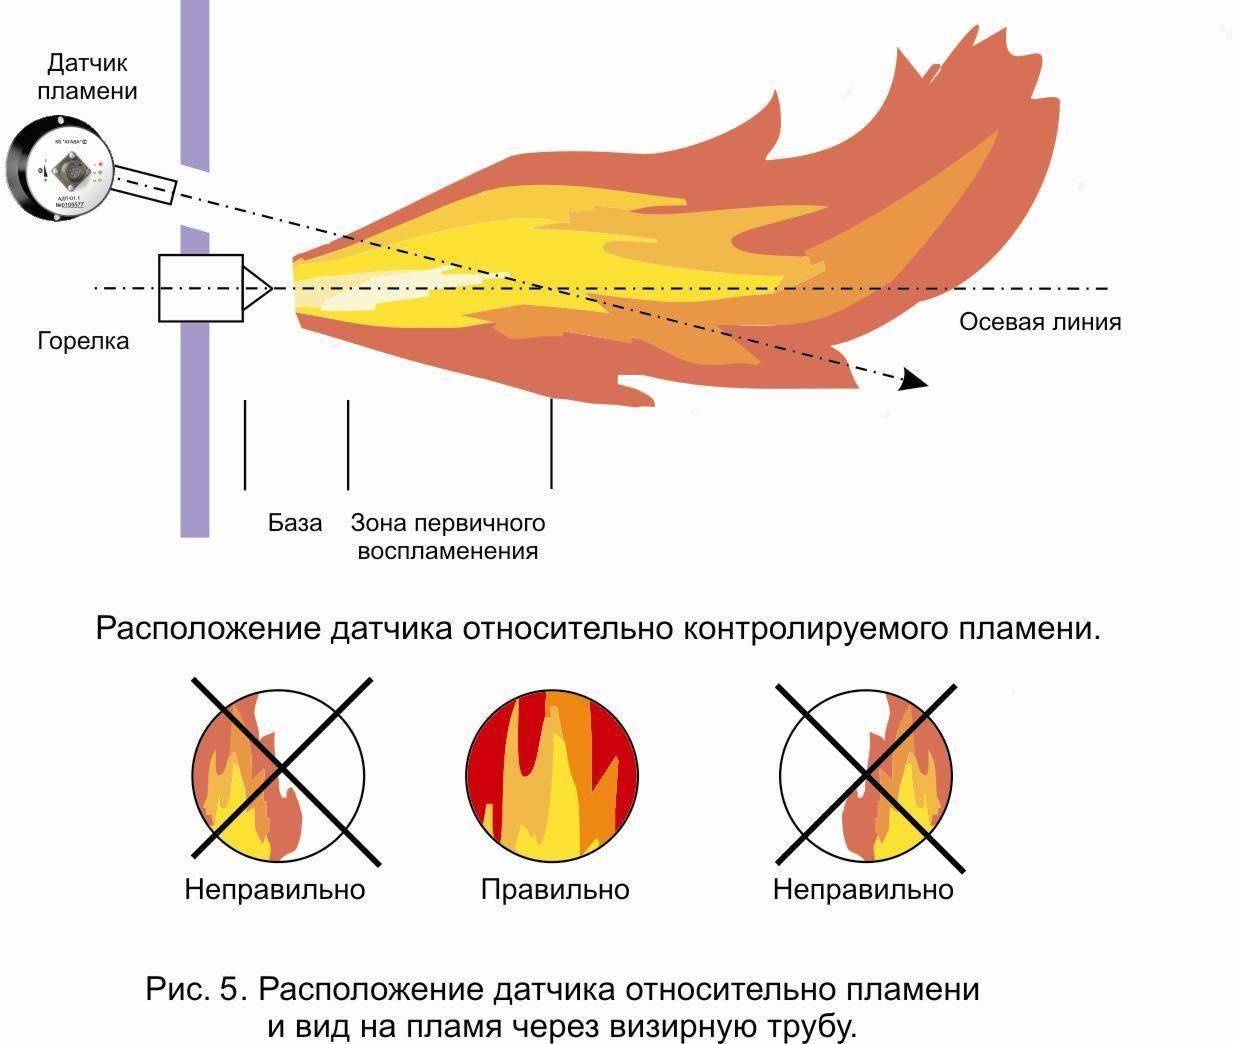 Извещатели пламени: виды и характеристика